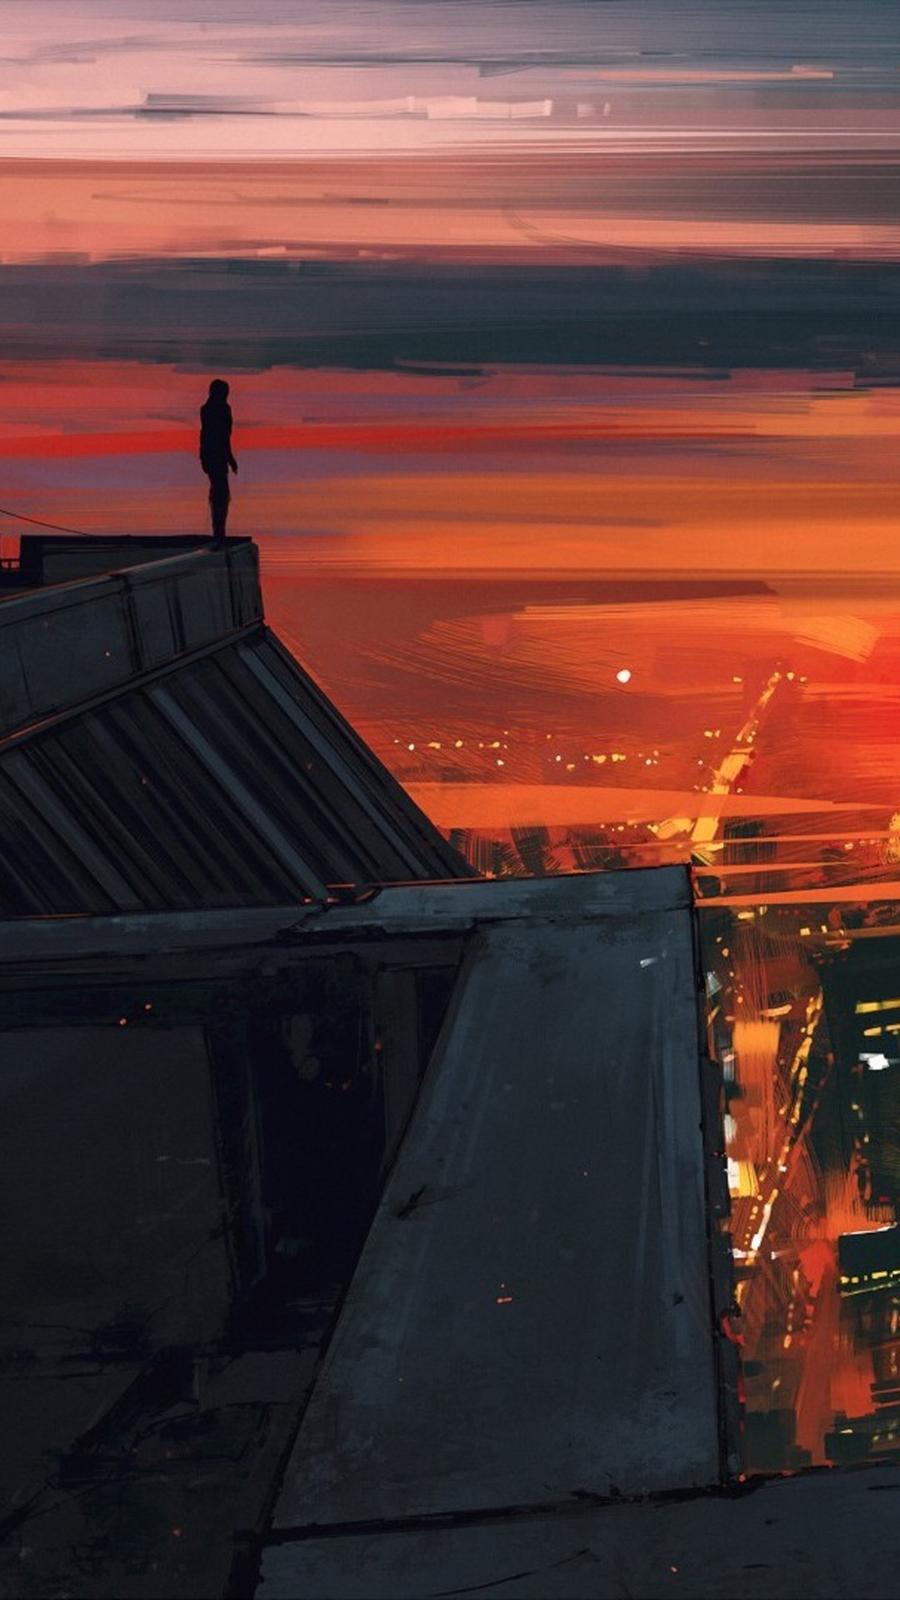 Artistic Red City Jm Wallpaper